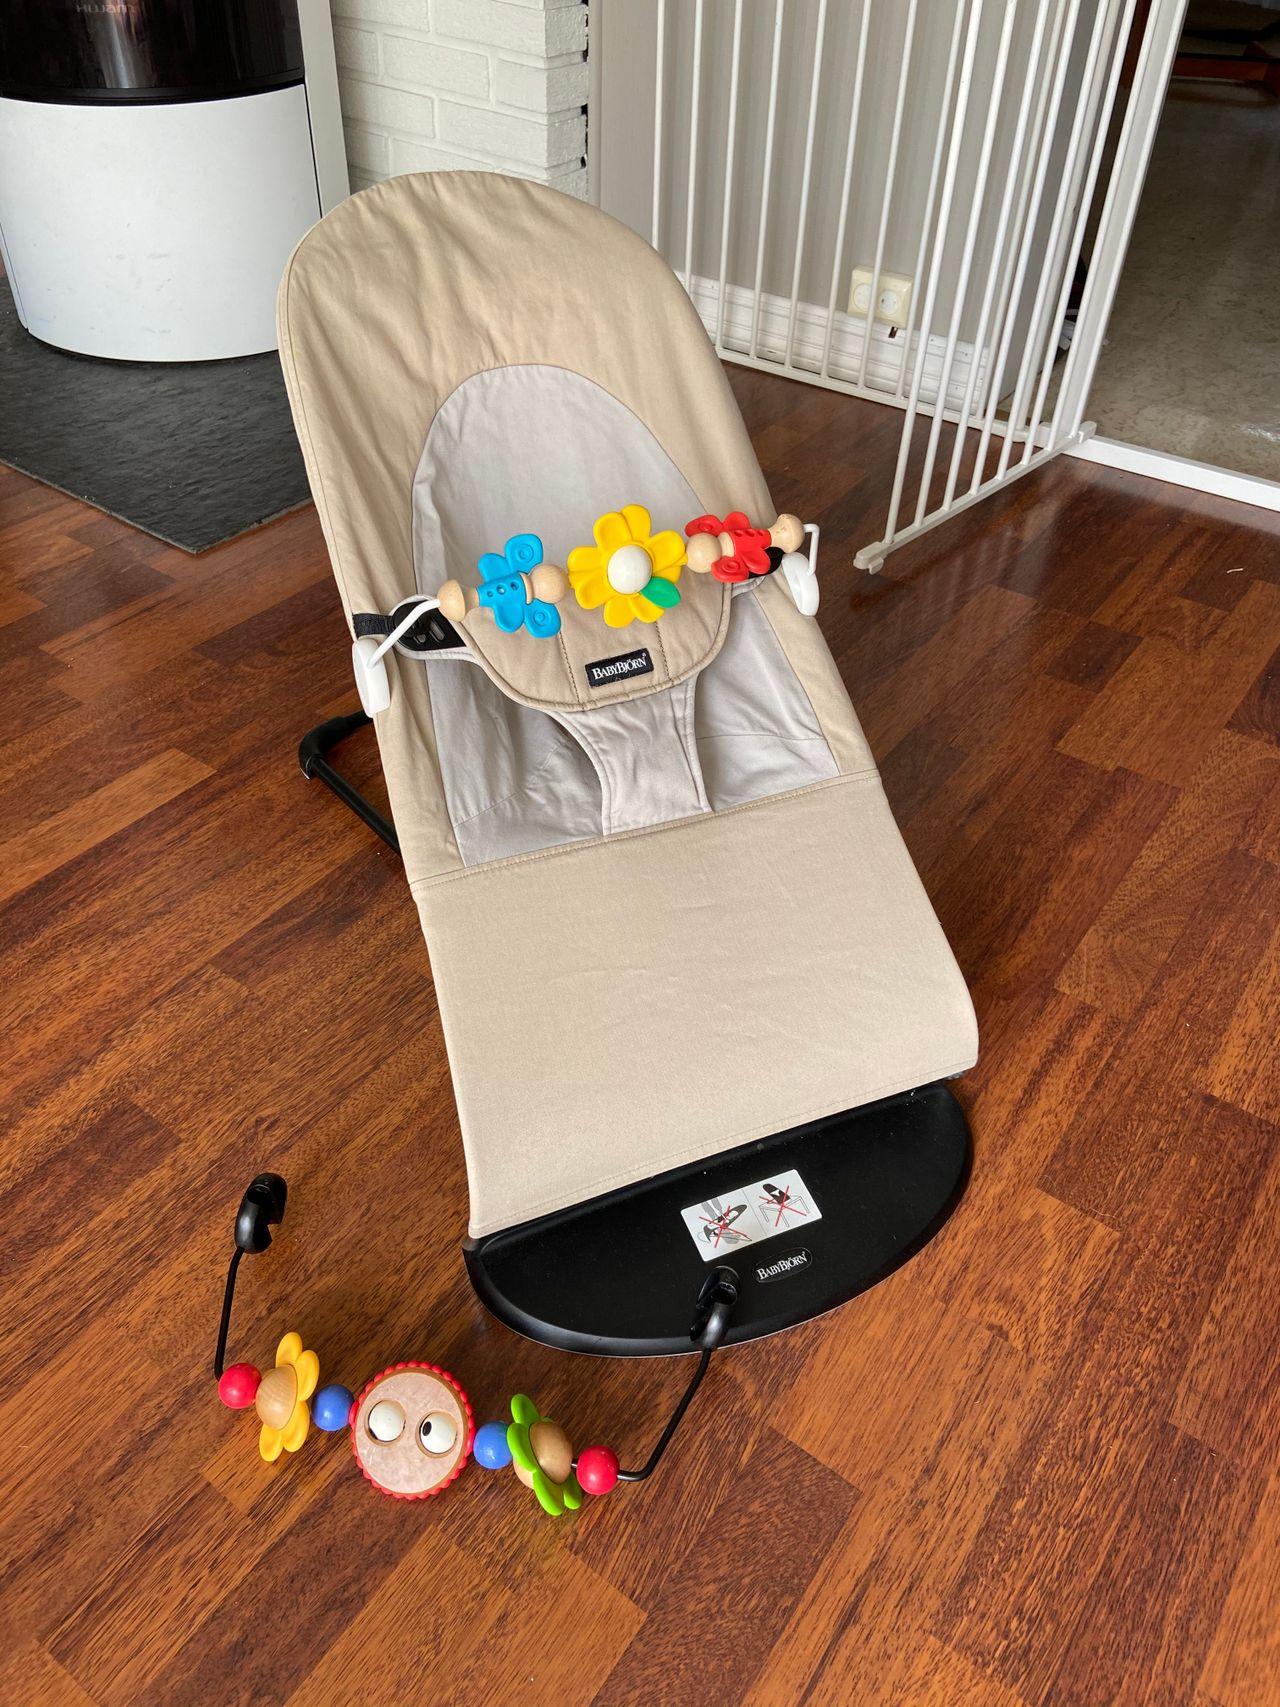 Pent brukt babybjørn vippestol Kjøpe, selge og utveksle